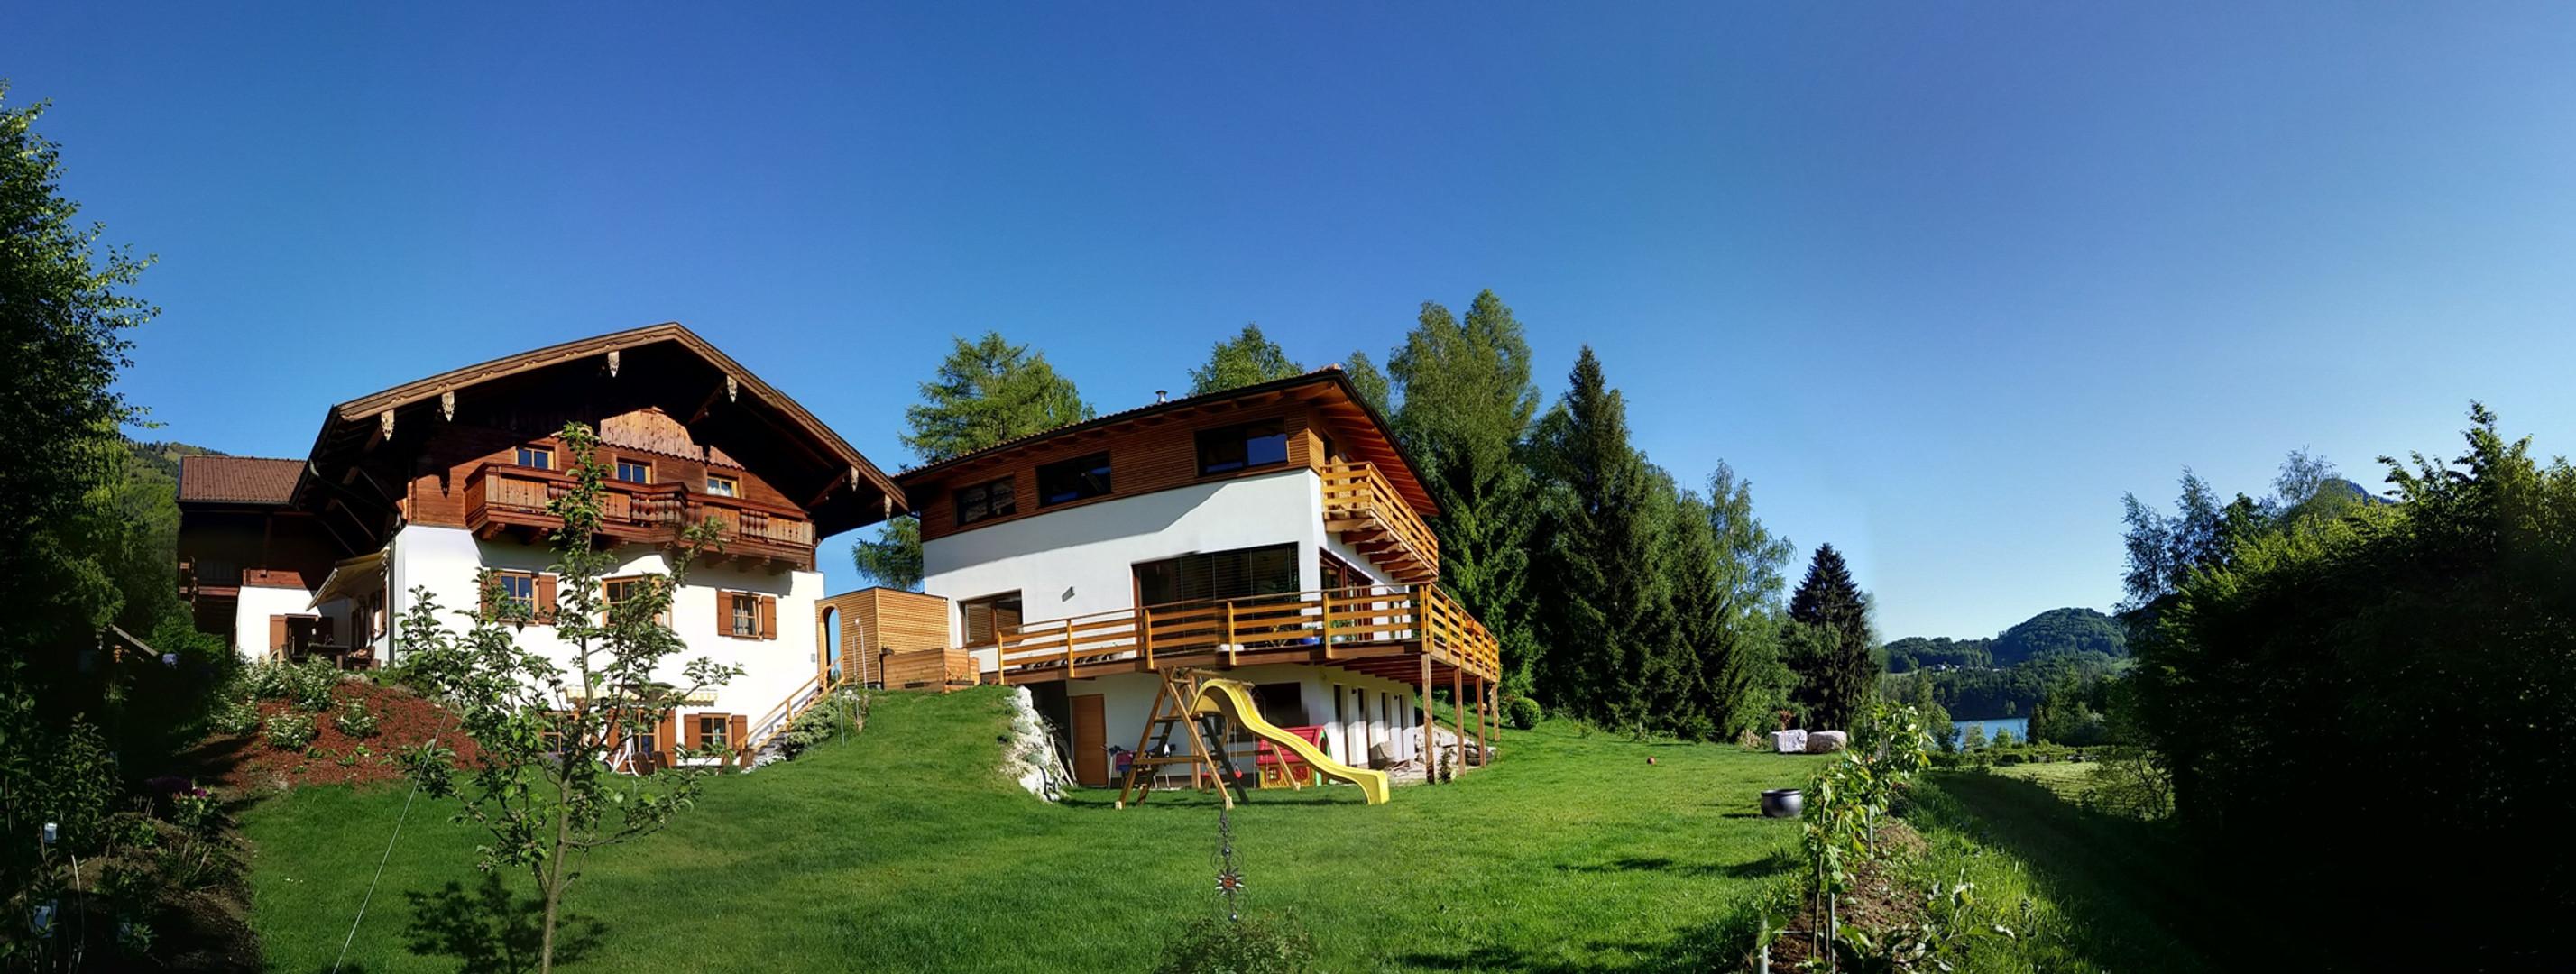 Haus Seegartl Garten